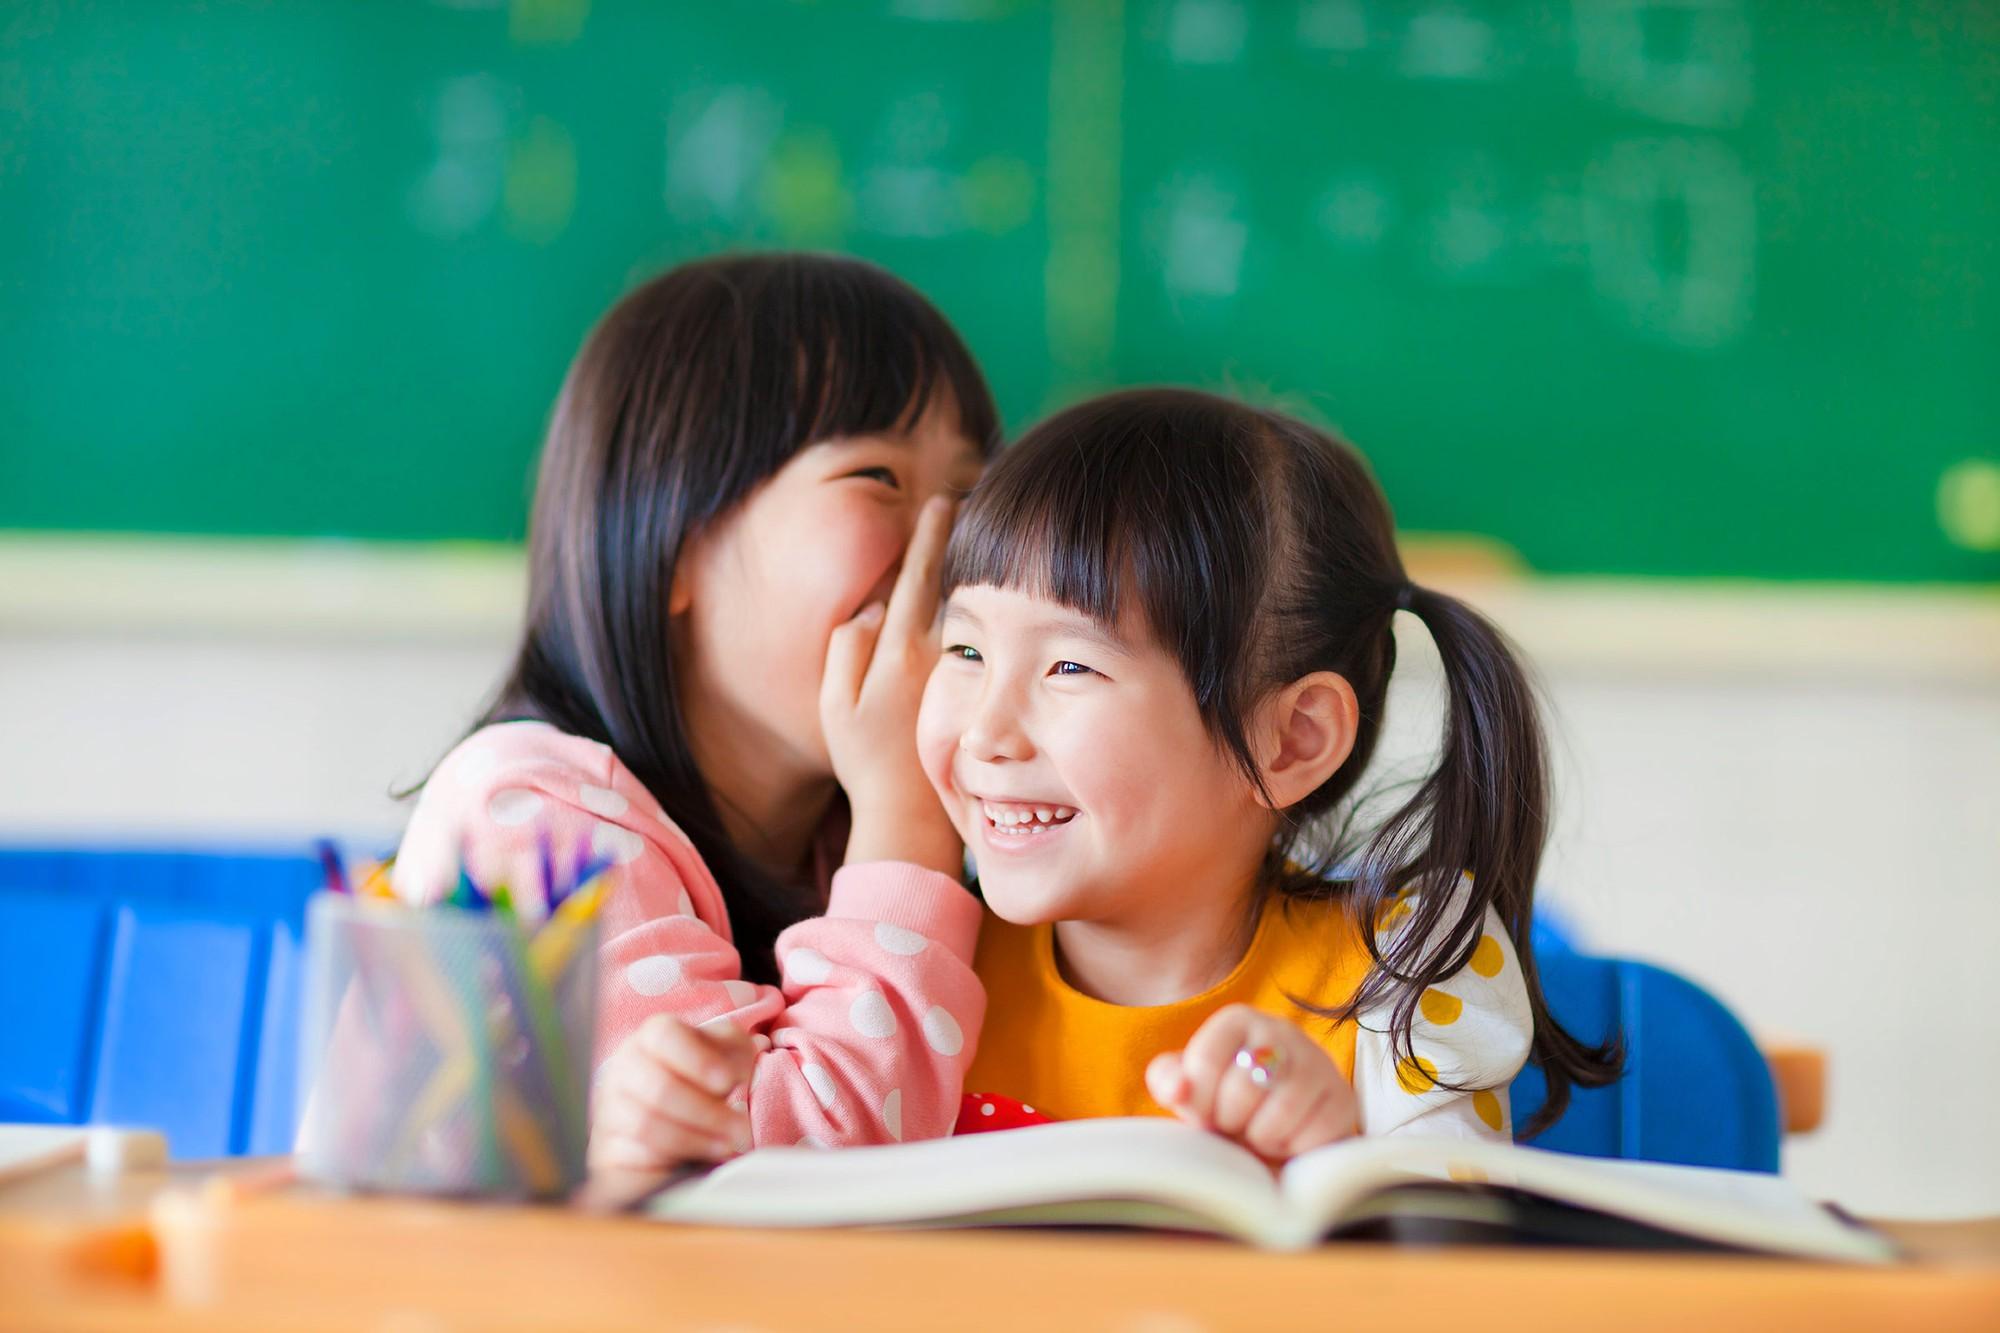 Với 4 câu nói đơn giản mà hiệu quả này, mẹ sẽ chẳng phải lo con không hòa nhập trong những ngày học đầu tiên - Ảnh 4.